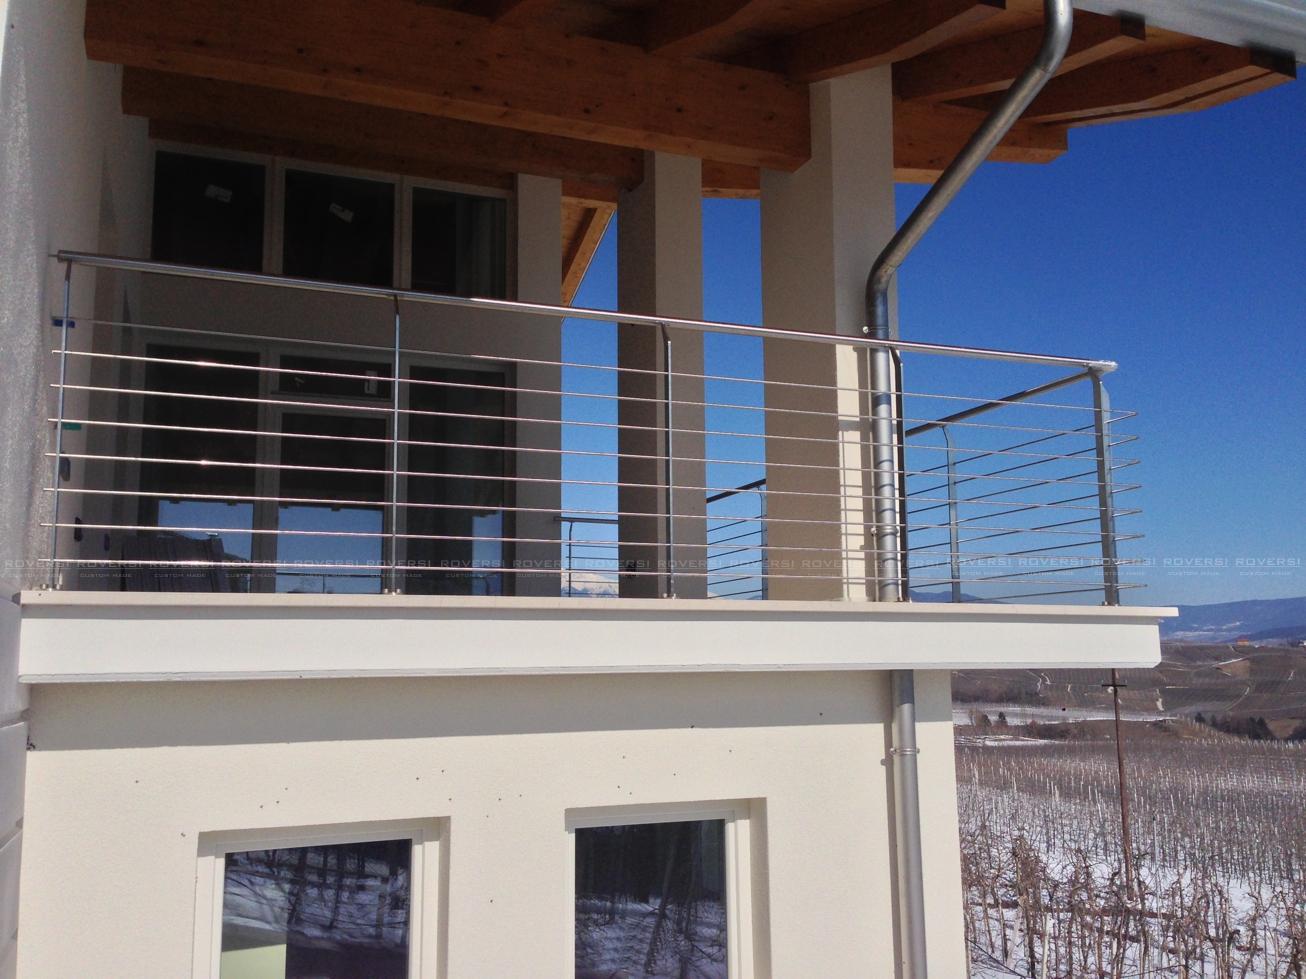 Ringhiera balcone esterno acciaio inox val di non il for Infissi balcone